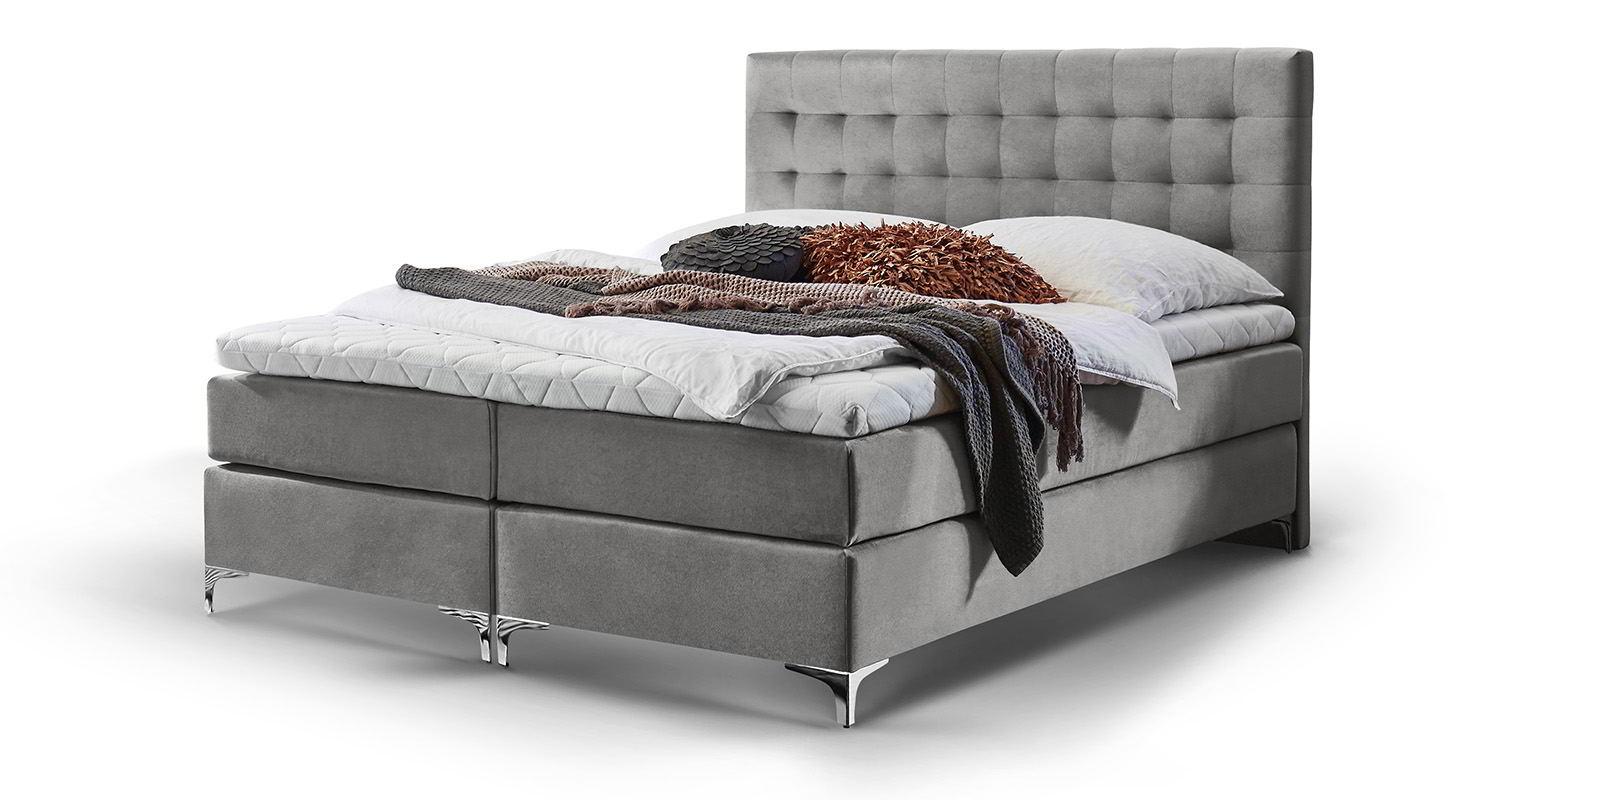 Full Size of Box Spring Bett Boxspringbett Pisa 160x200 180x200cm Designer Hotelbett 180x200 Balken Schlicht überlänge Betten Luxus Bette Duschwanne Stauraum Kopfteil Bett Box Spring Bett